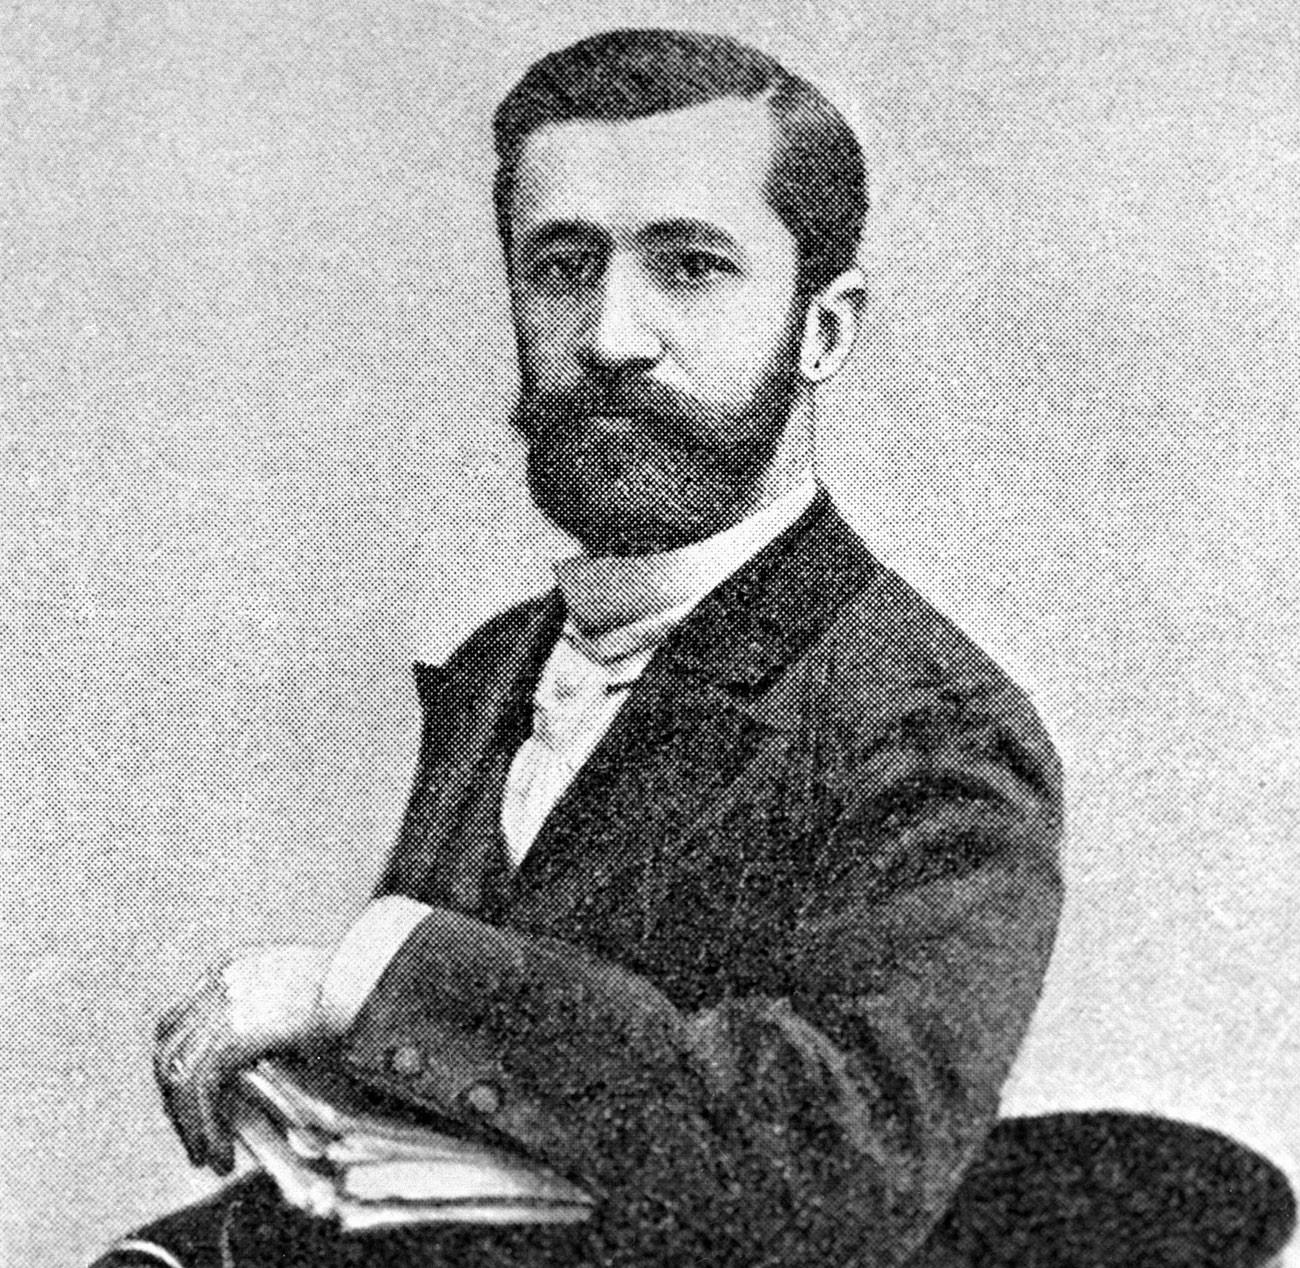 Merejkóvski era amigo de Búnin e tinha uma revista sobre literatura dissidente emigrante na França.